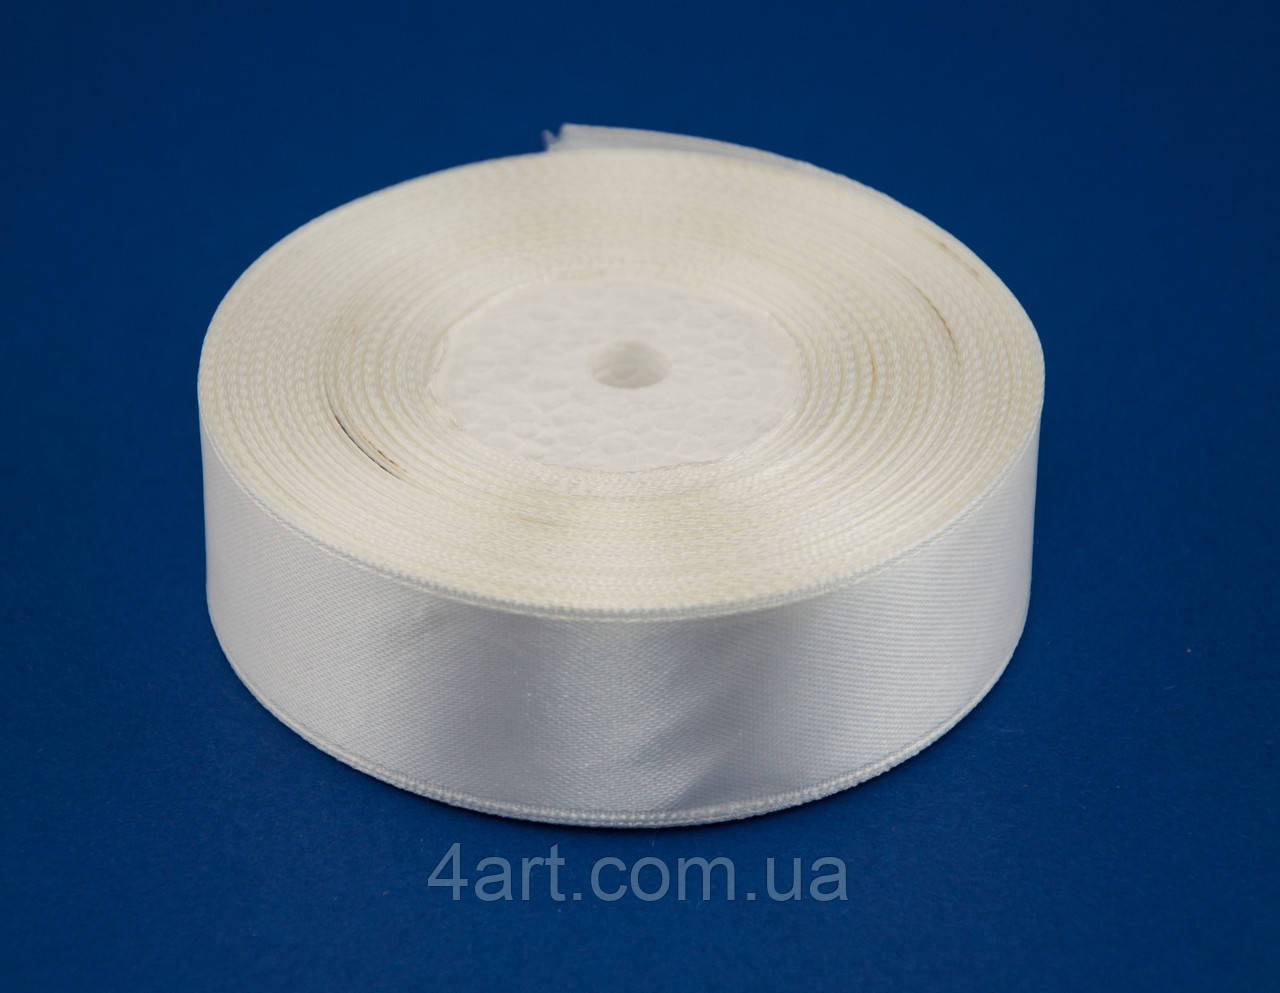 Лента атлас 0.6 см, 33 м, № 08 молочная